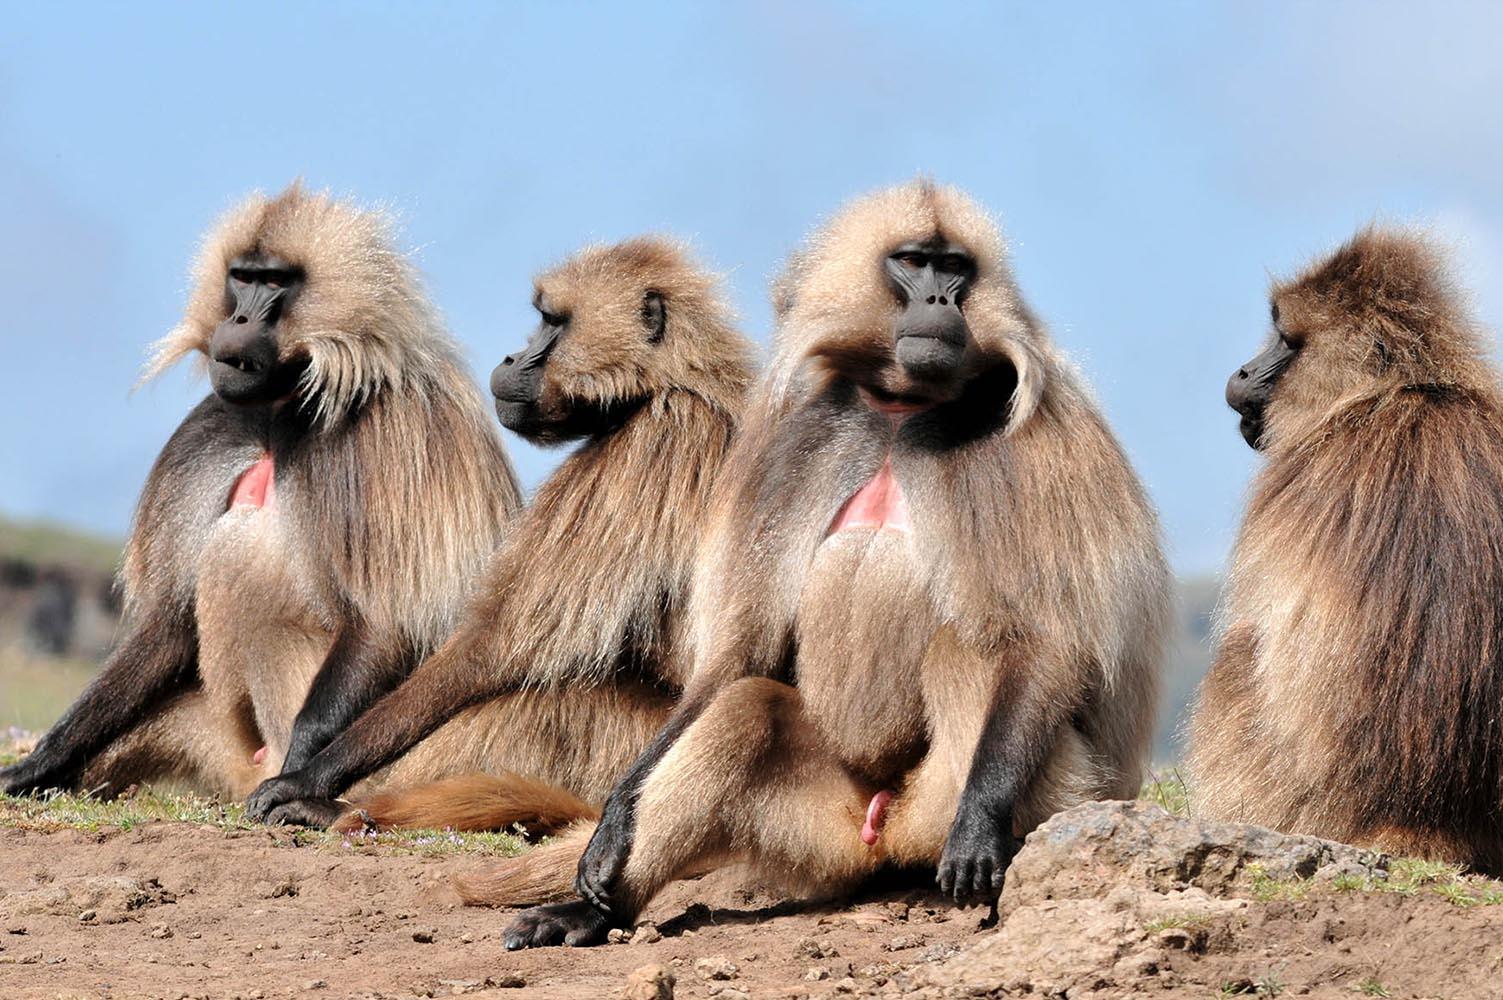 קופי הג'ילאדה בשמורת הרי סימיאן